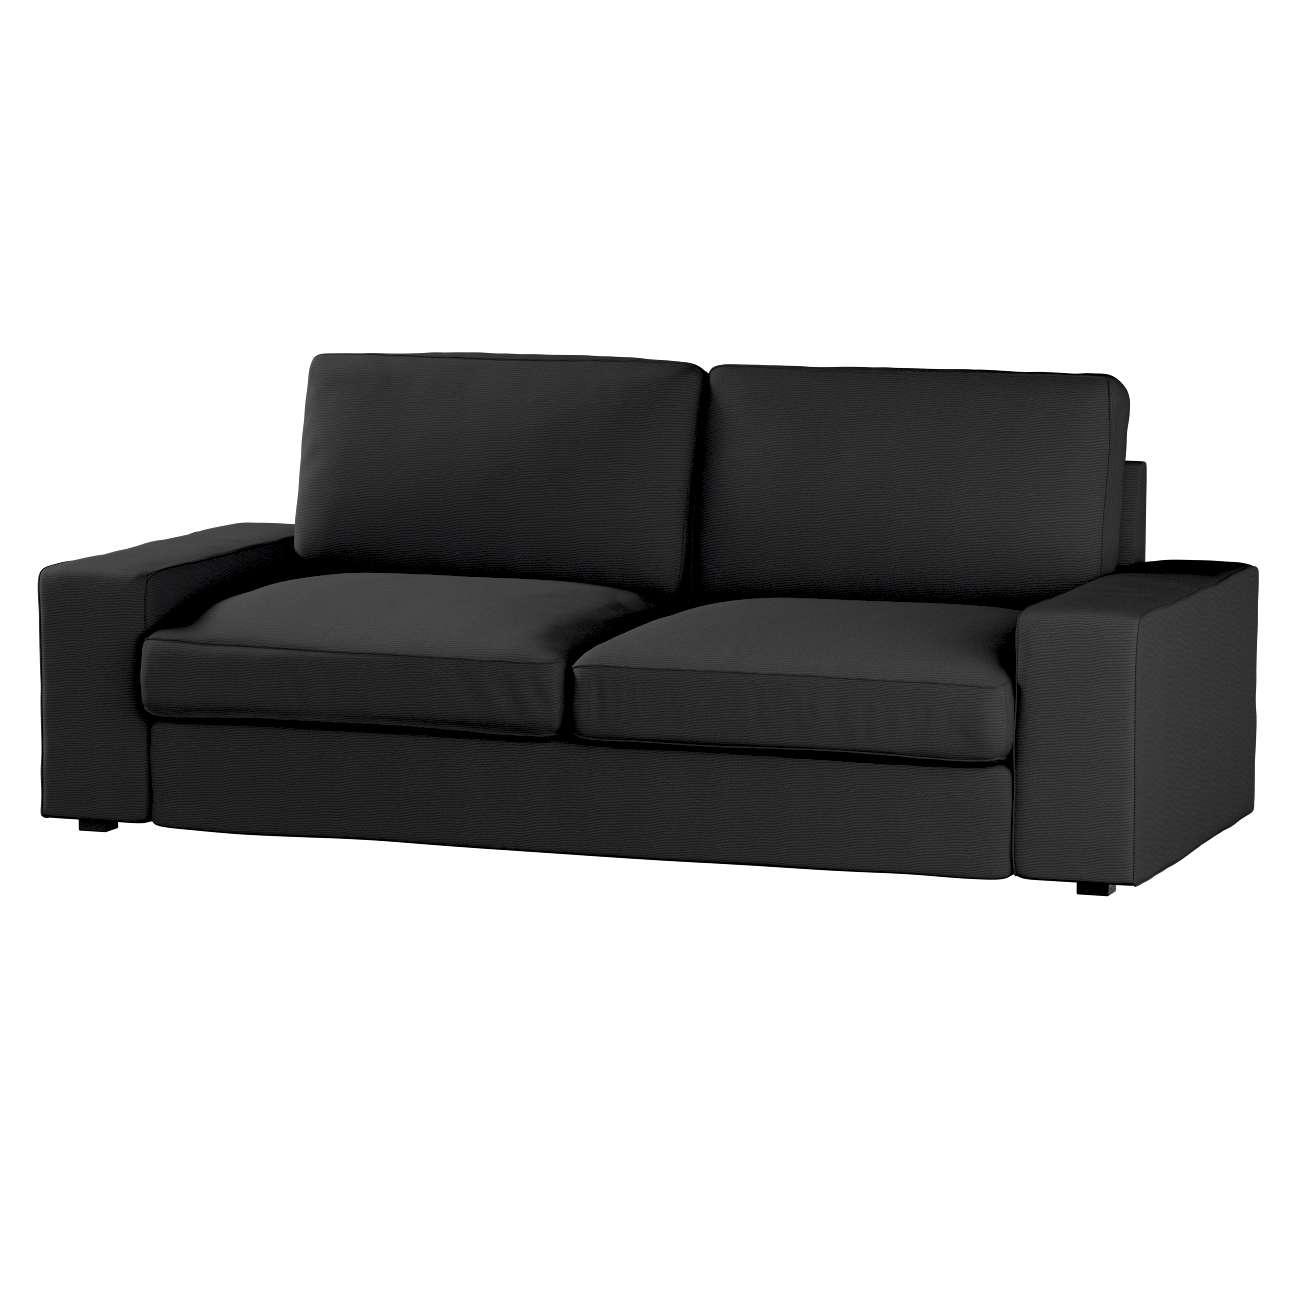 KIVIK trivietės sofos užvalkalas Kivik 3-seat sofa kolekcijoje Etna , audinys: 705-00